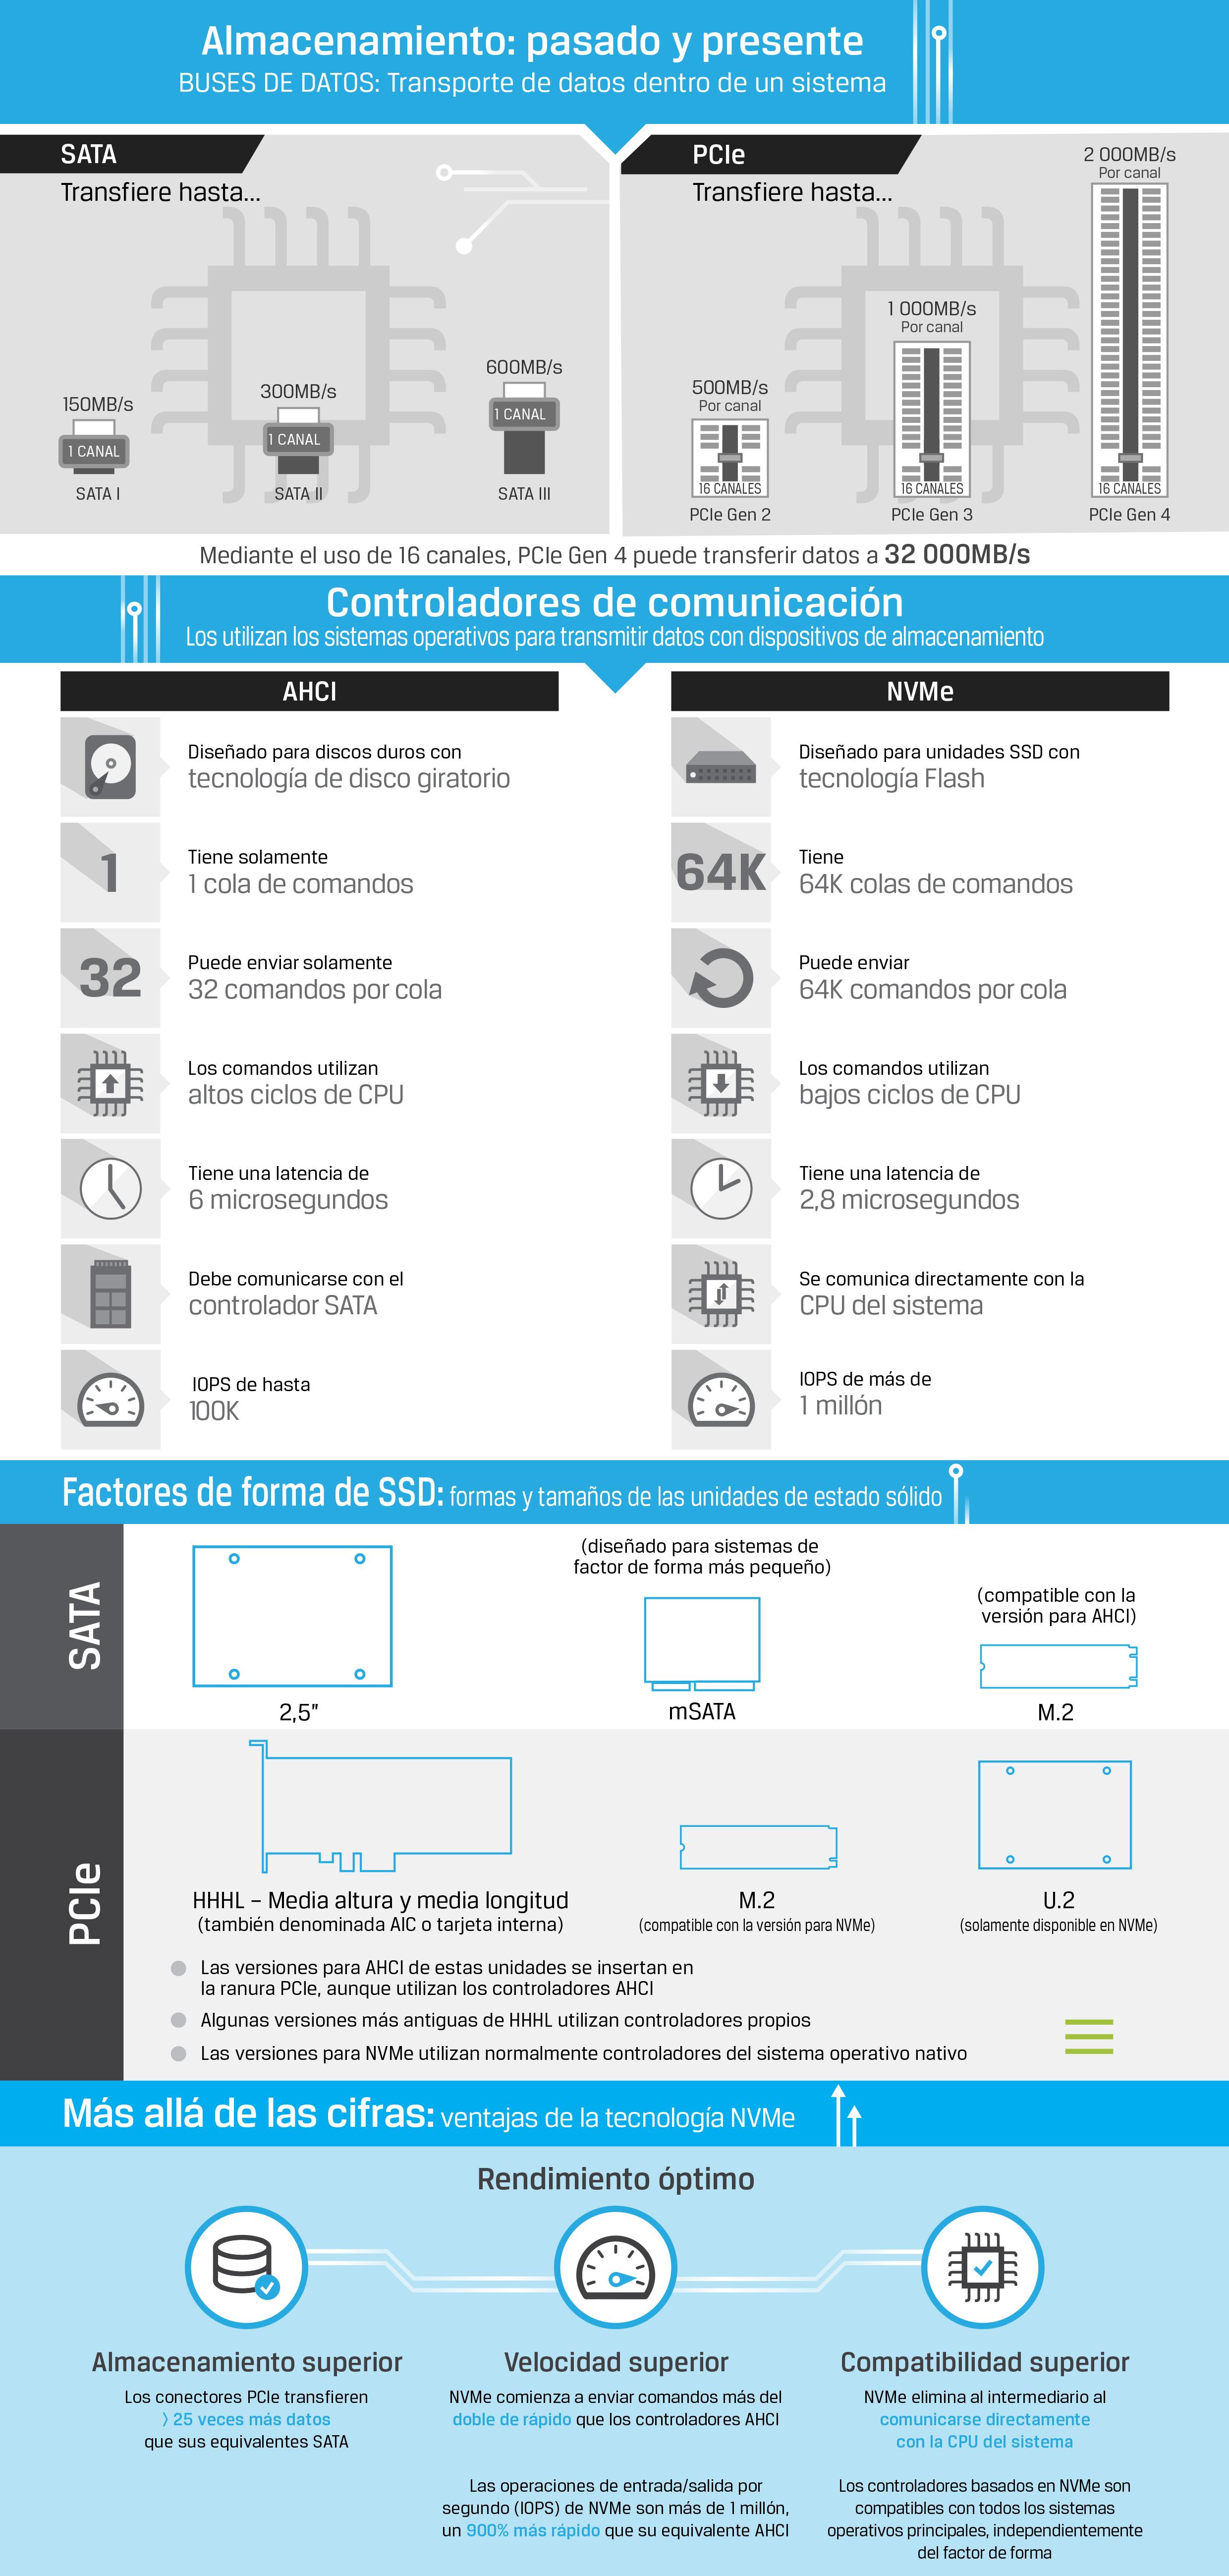 Infografía describiendo la tecnología SSD, como NVMe, SATA, PCIe, AHCI, M.2 y U.2